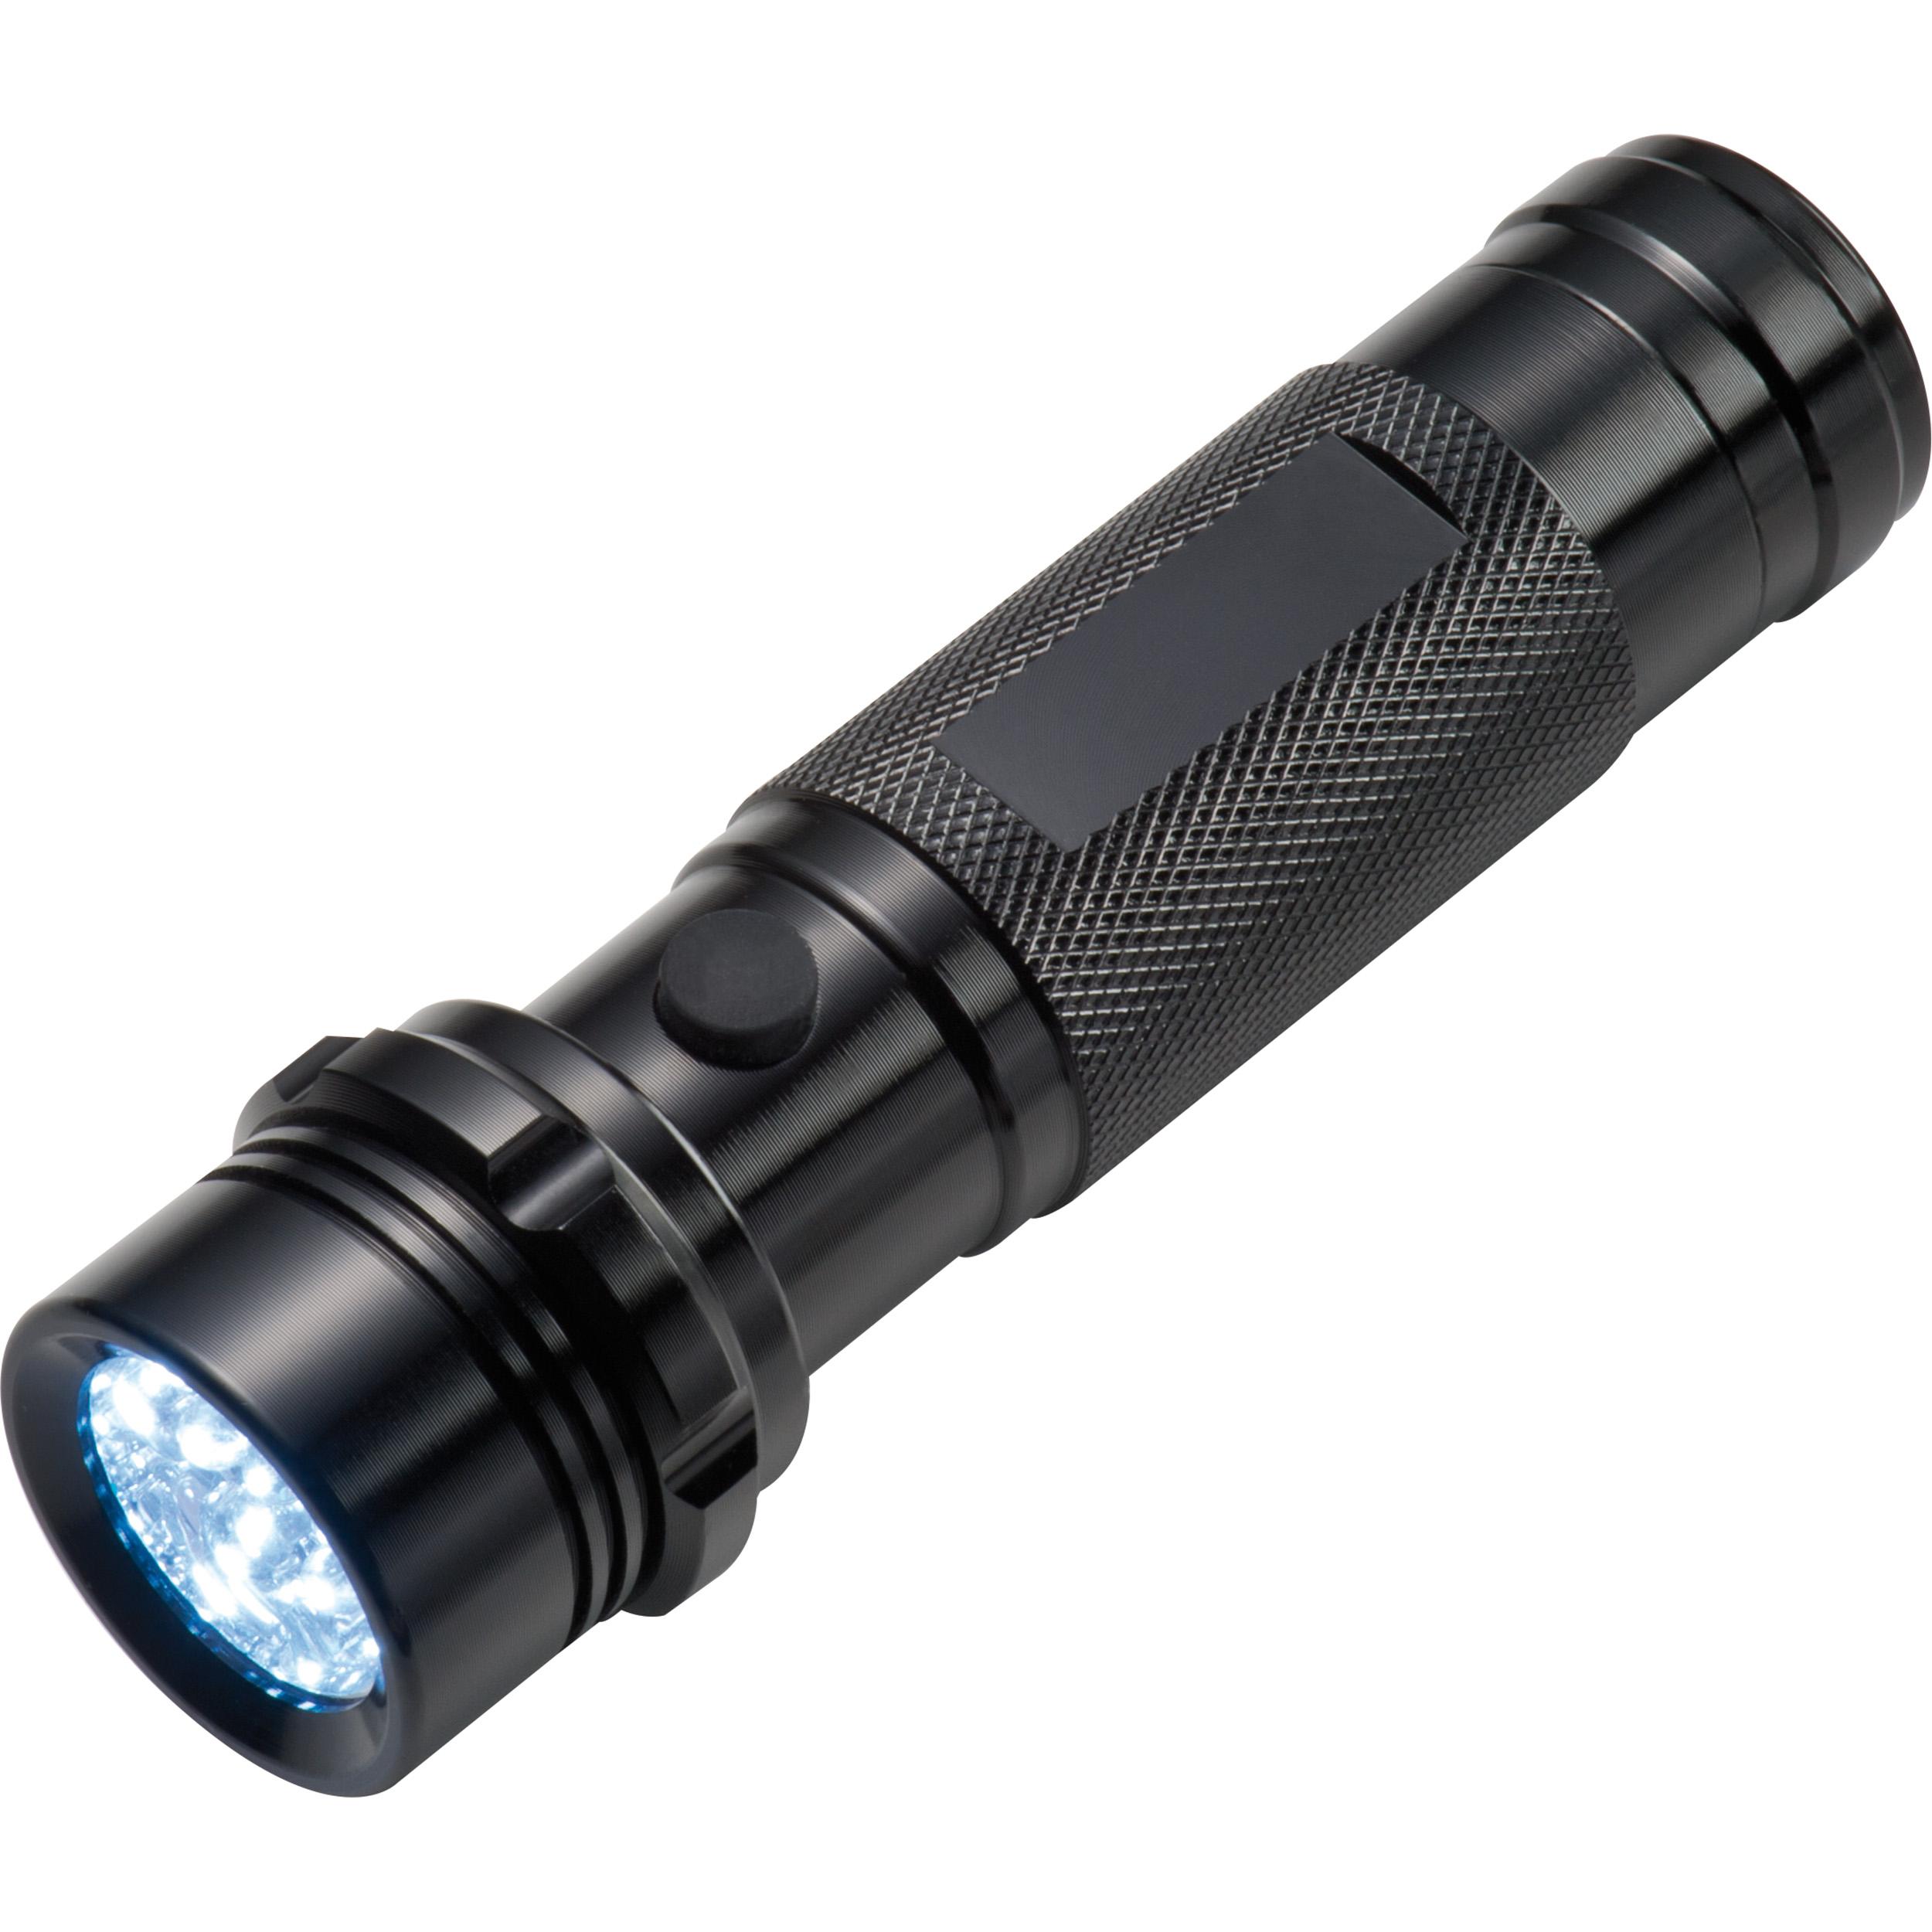 Set aus Taschenlampe und Multitool